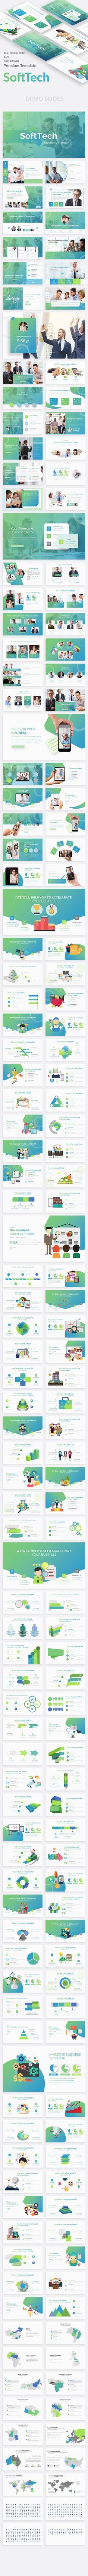 #SoftTech Business #Powerpoint Template - Business PowerPoint Templates